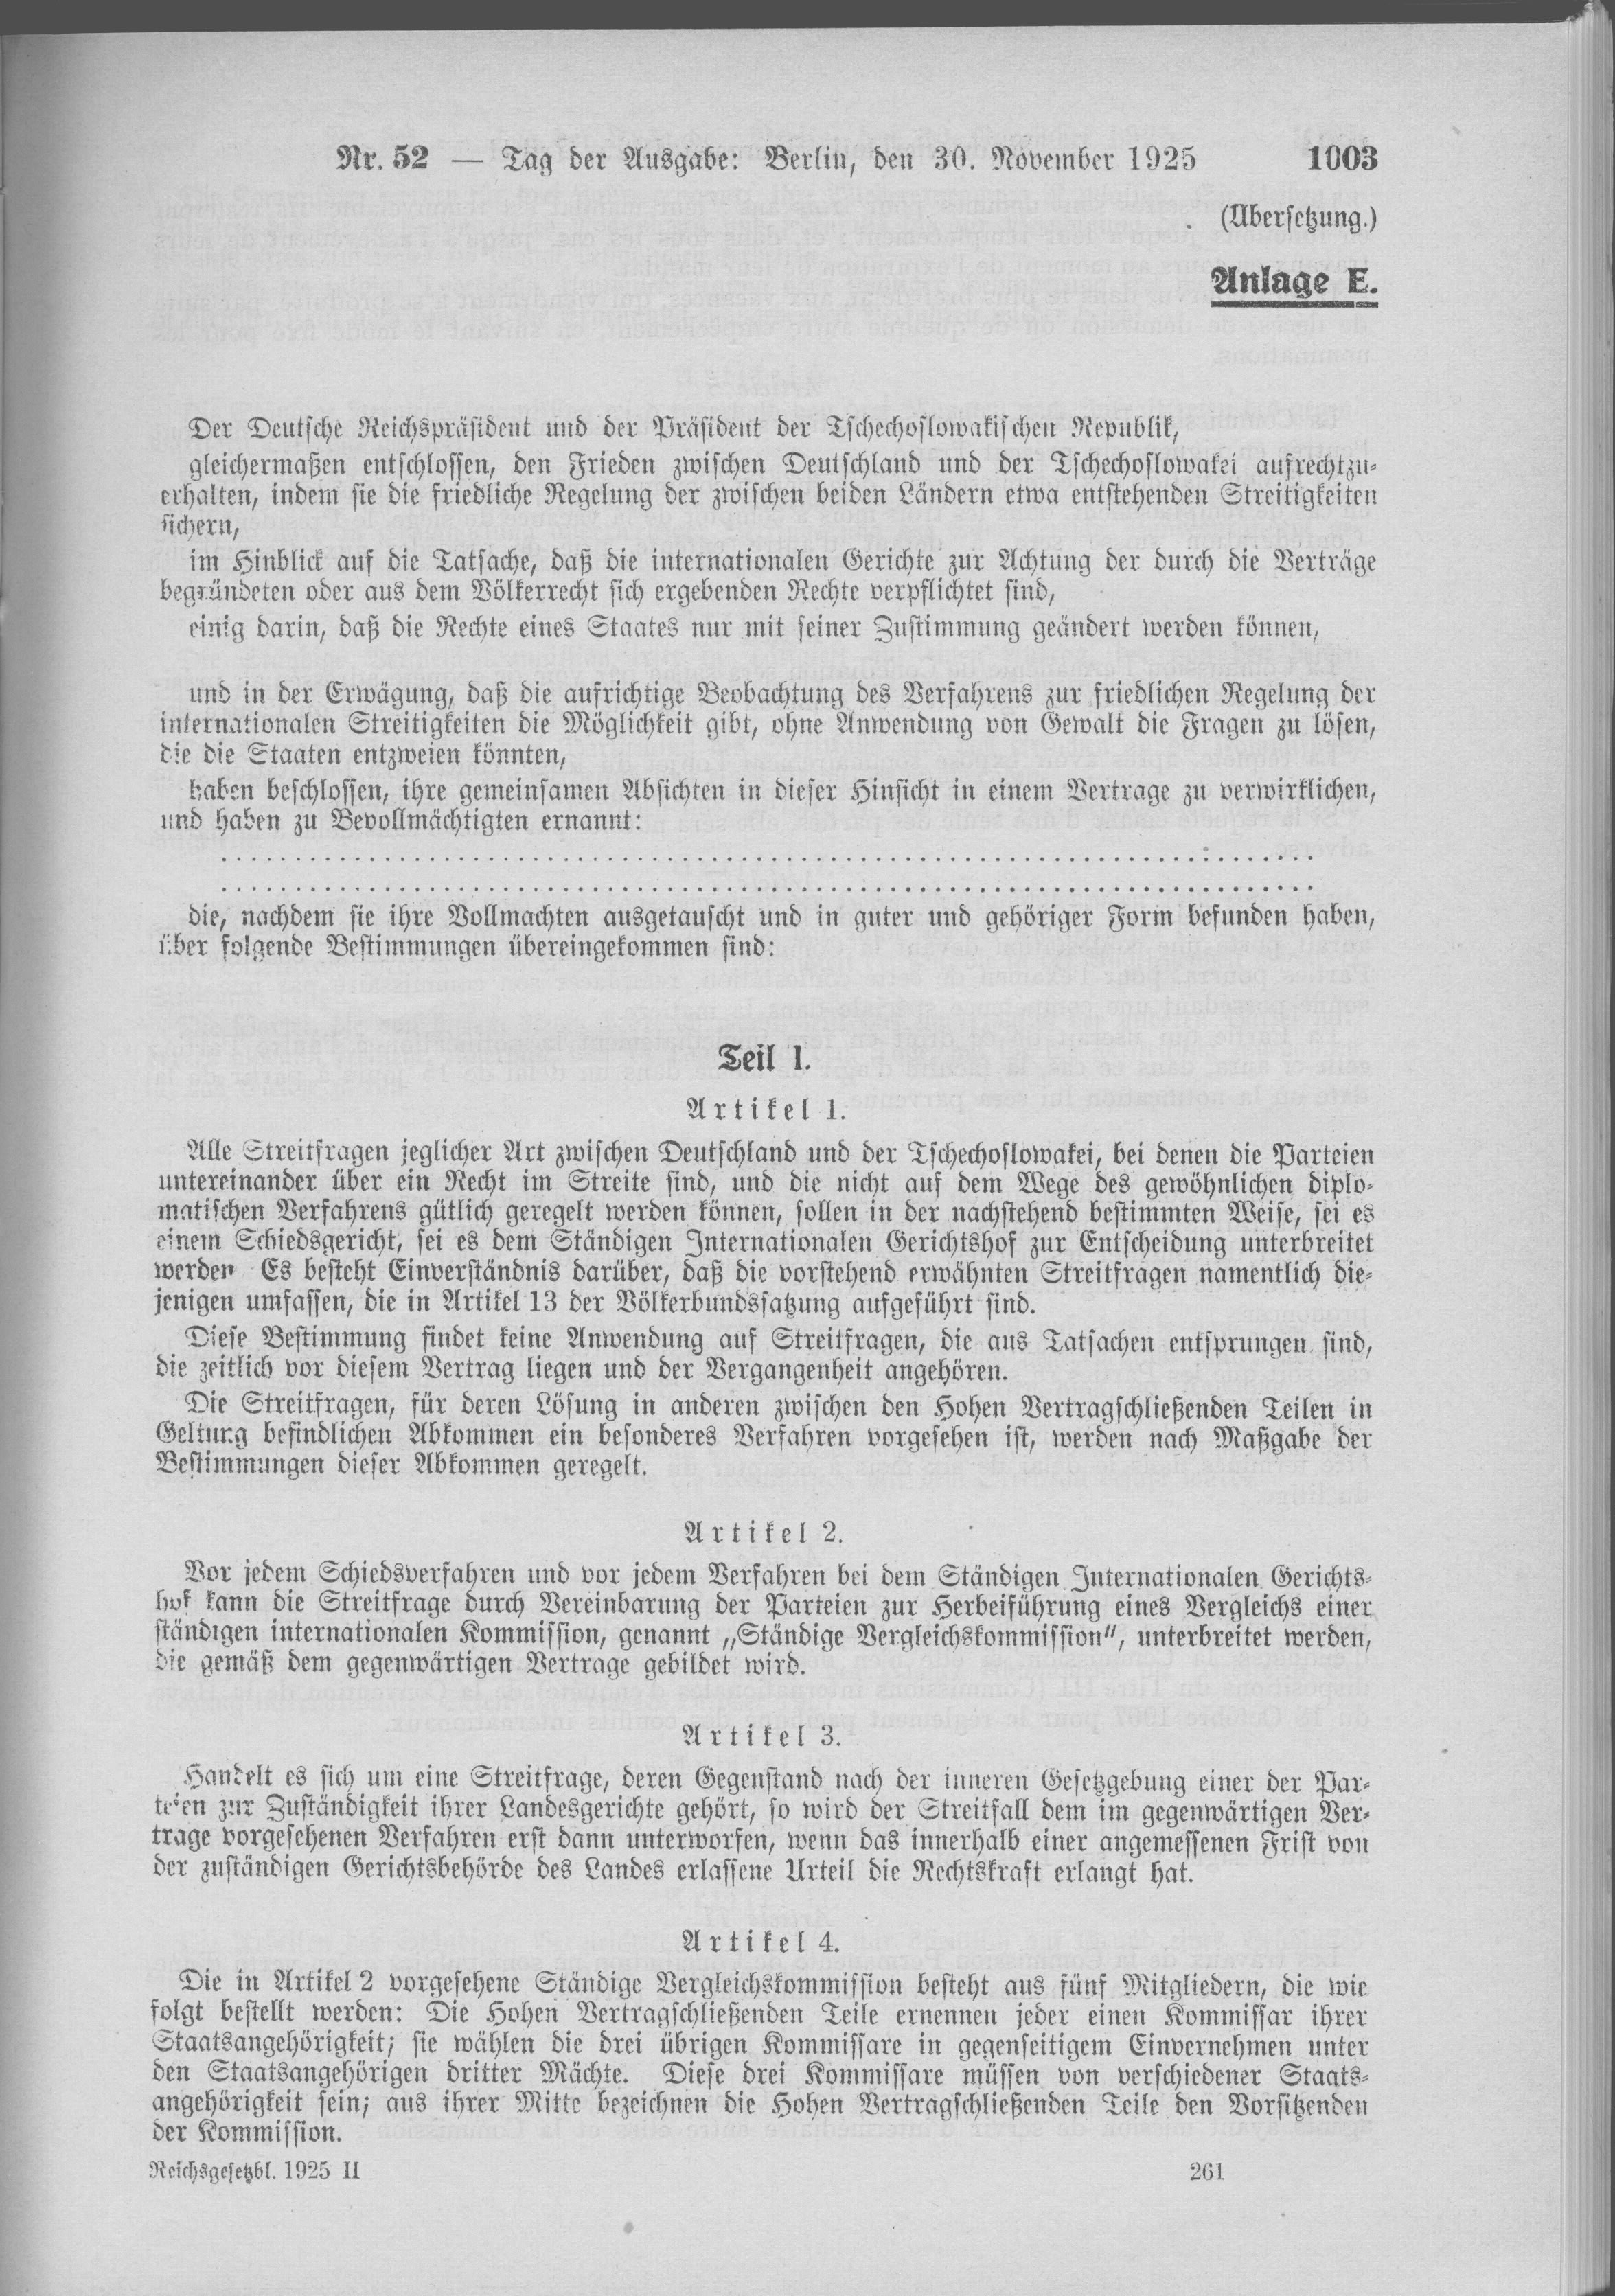 File:Deutsches Reichsgesetzblatt 25T2 052 1003.jpg - Wikimedia Commons